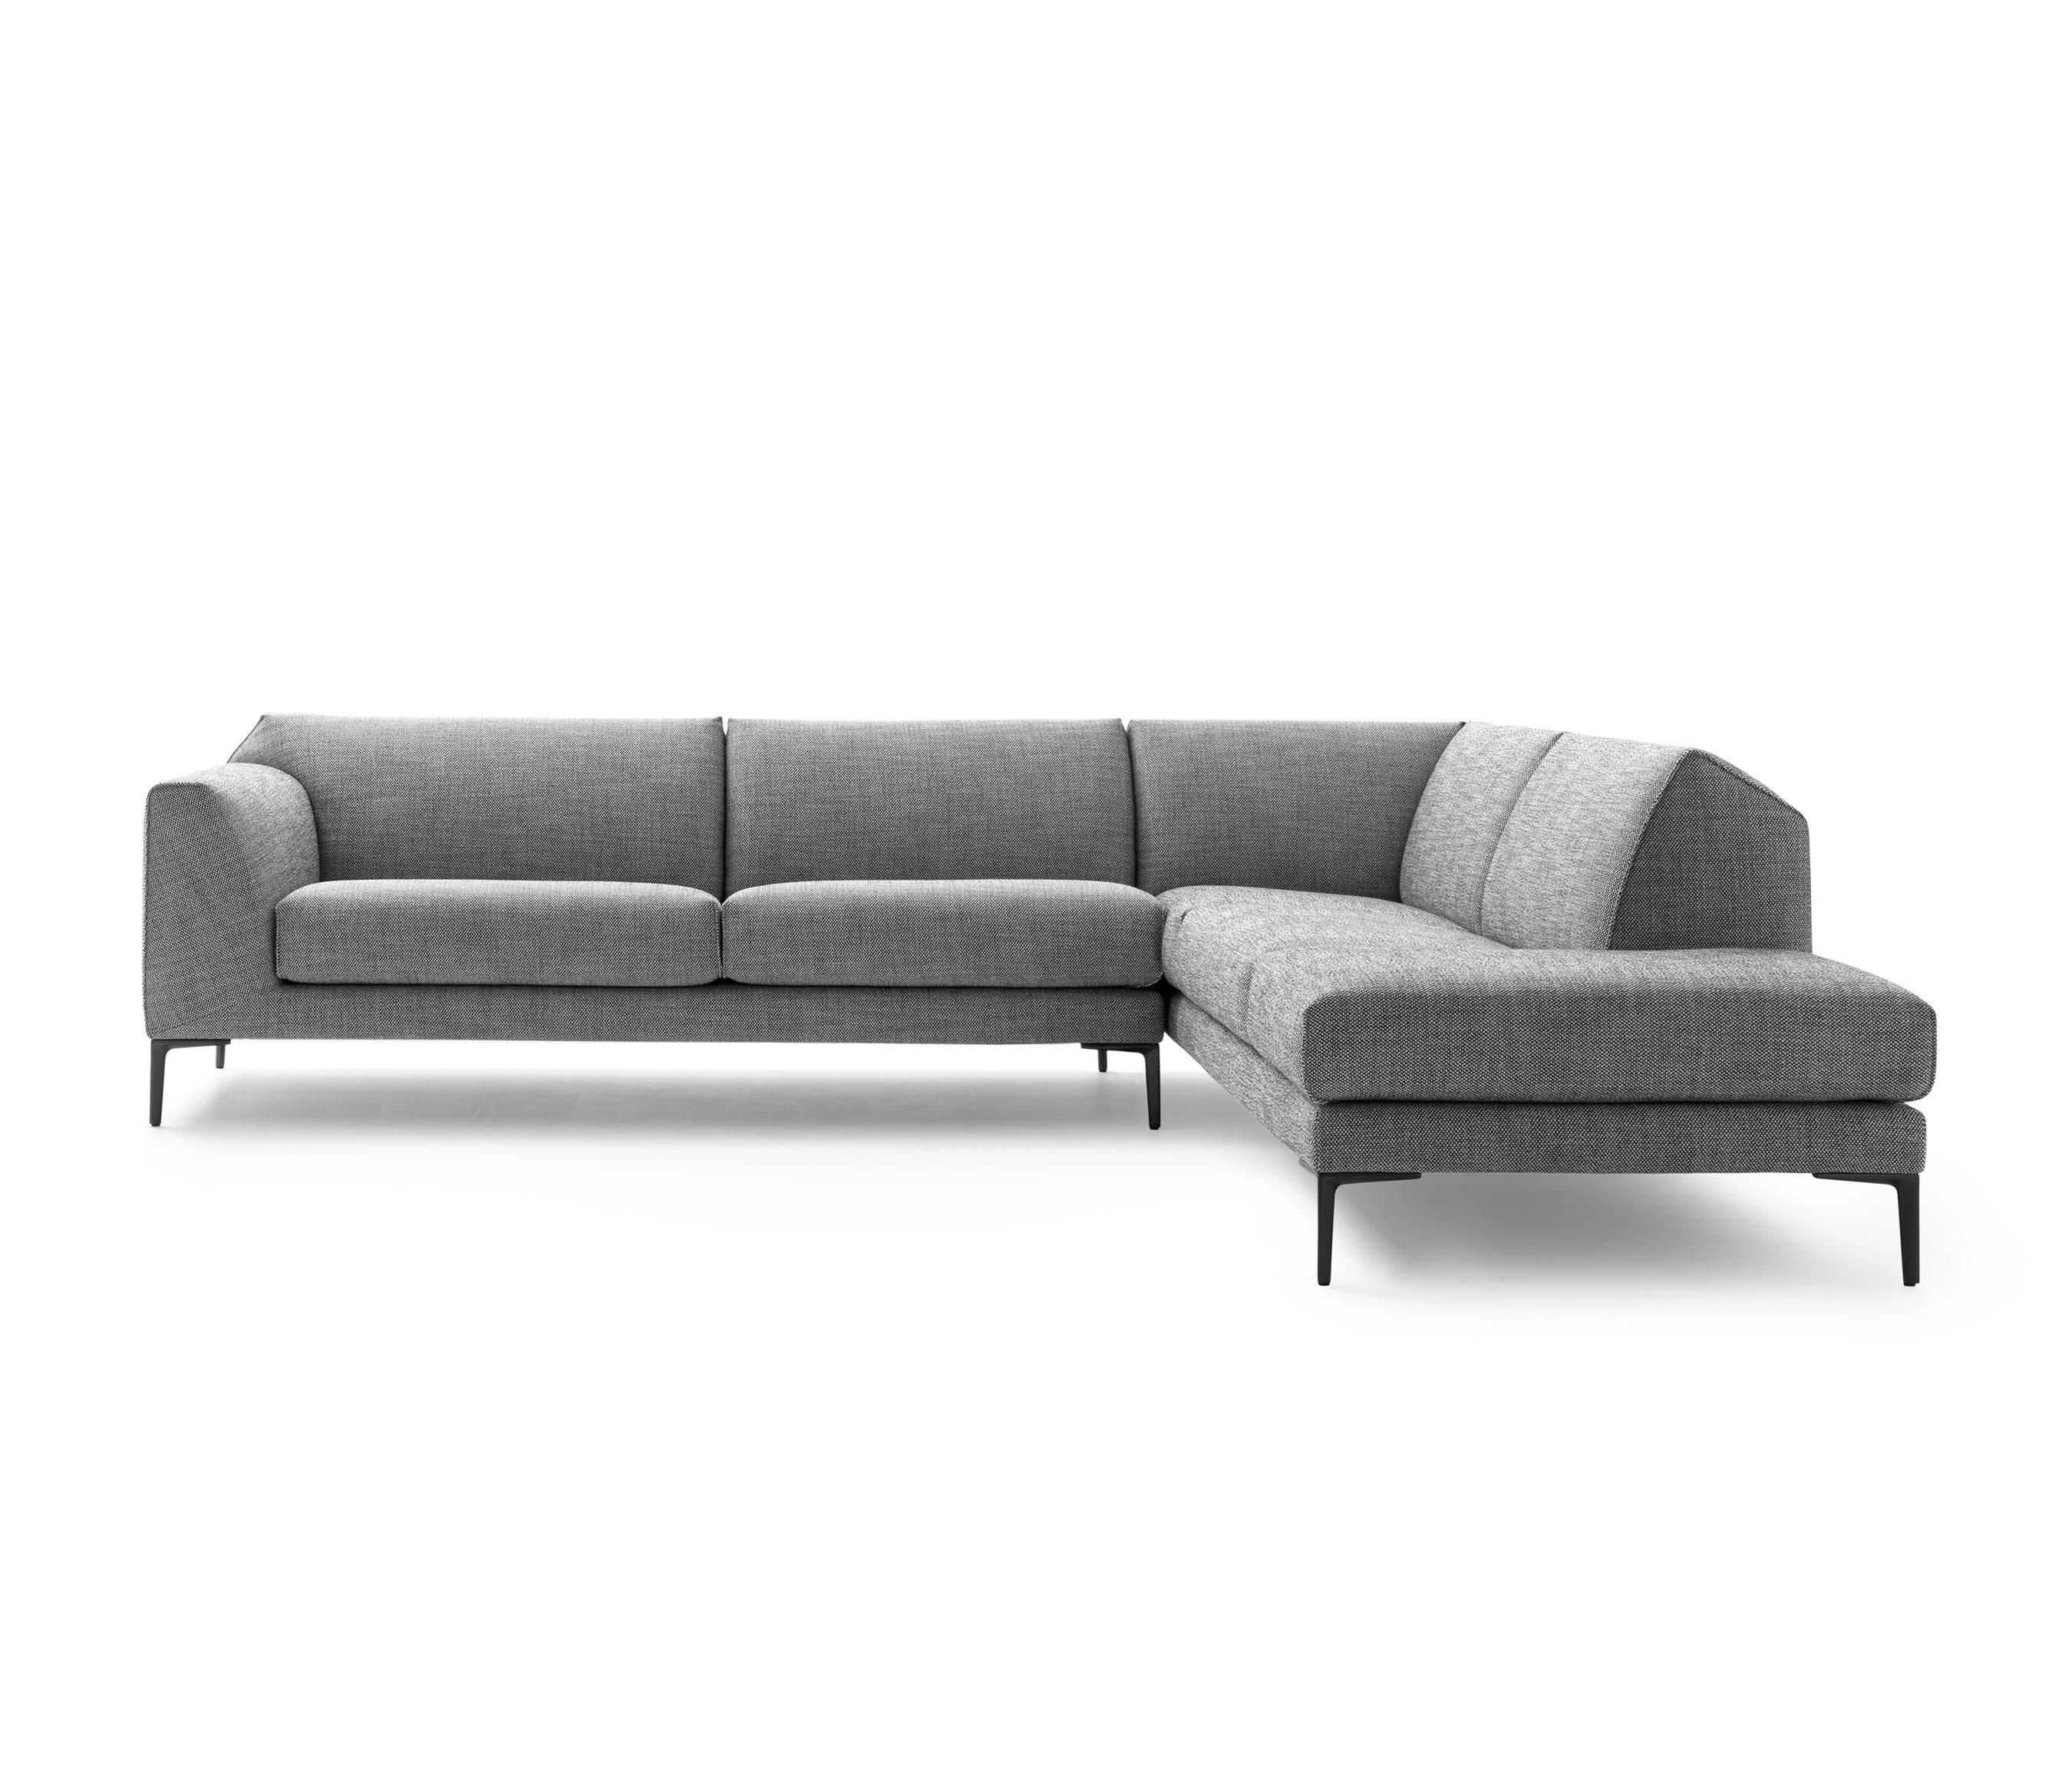 LX675 - Sofas von Leolux LX | Architonic